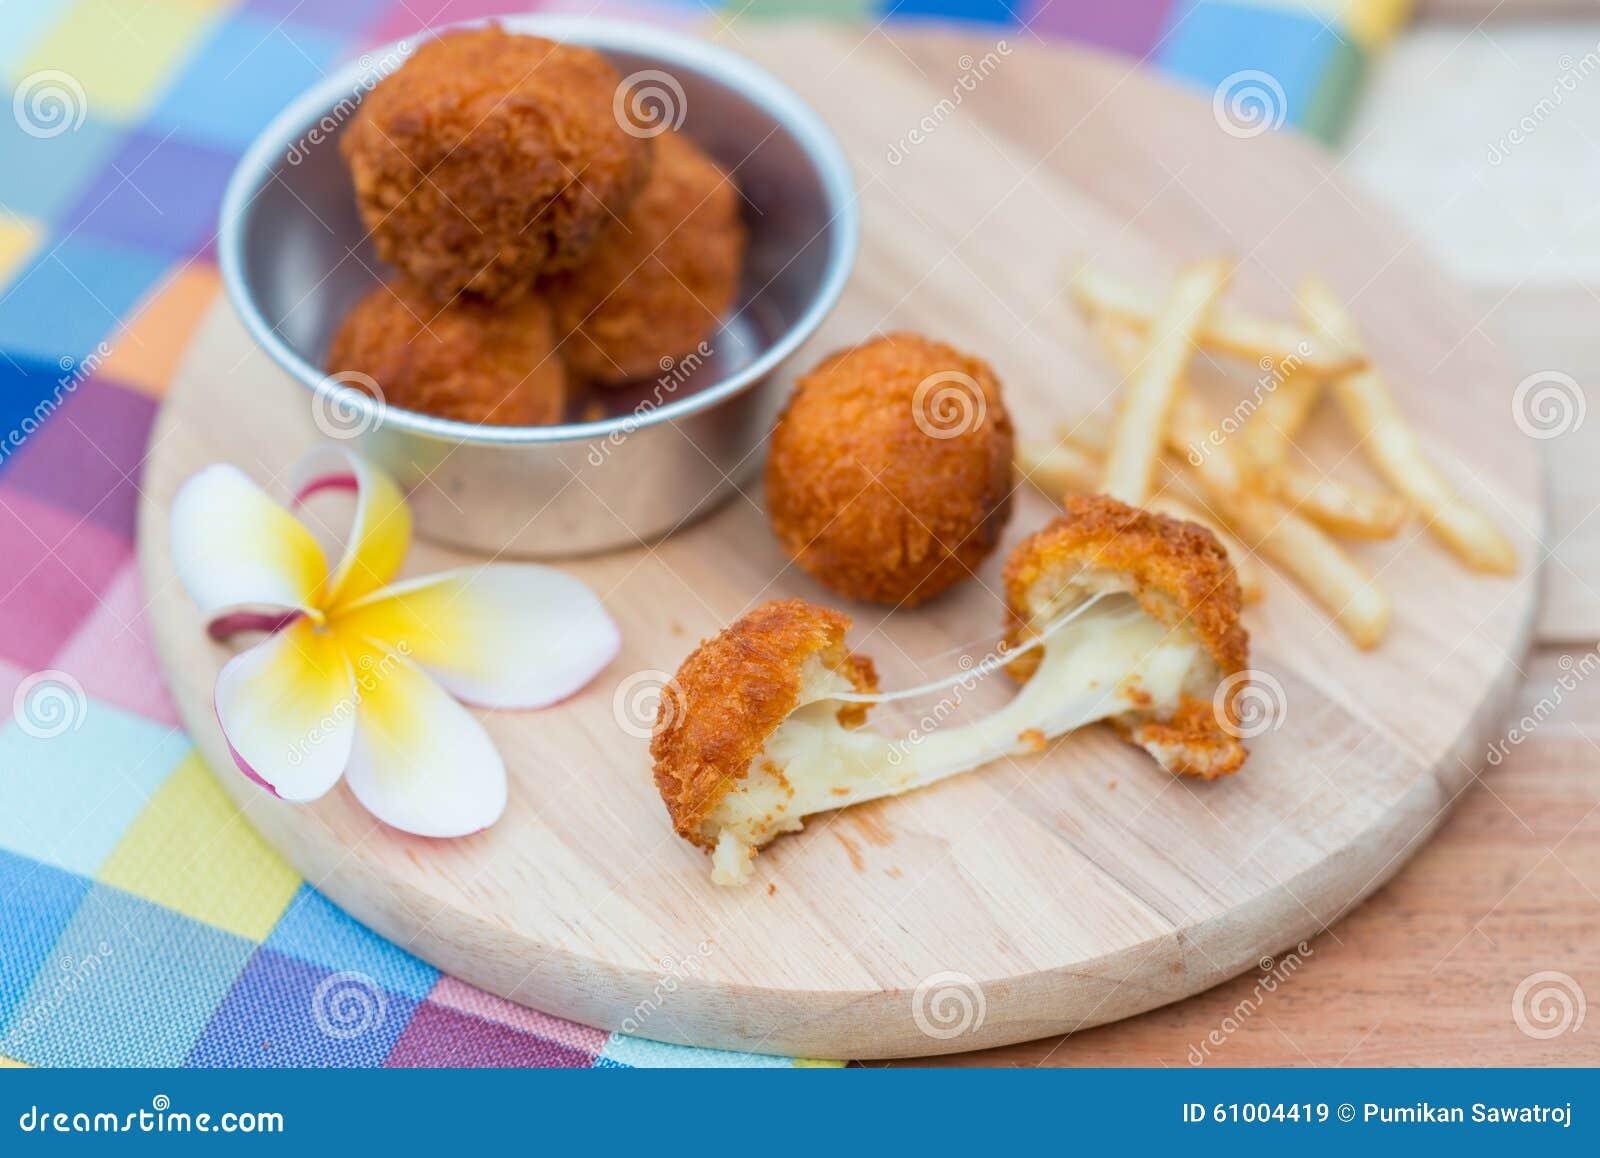 boule et pommes frites cuites la friteuse de fromage sur le plat en bois image stock image. Black Bedroom Furniture Sets. Home Design Ideas